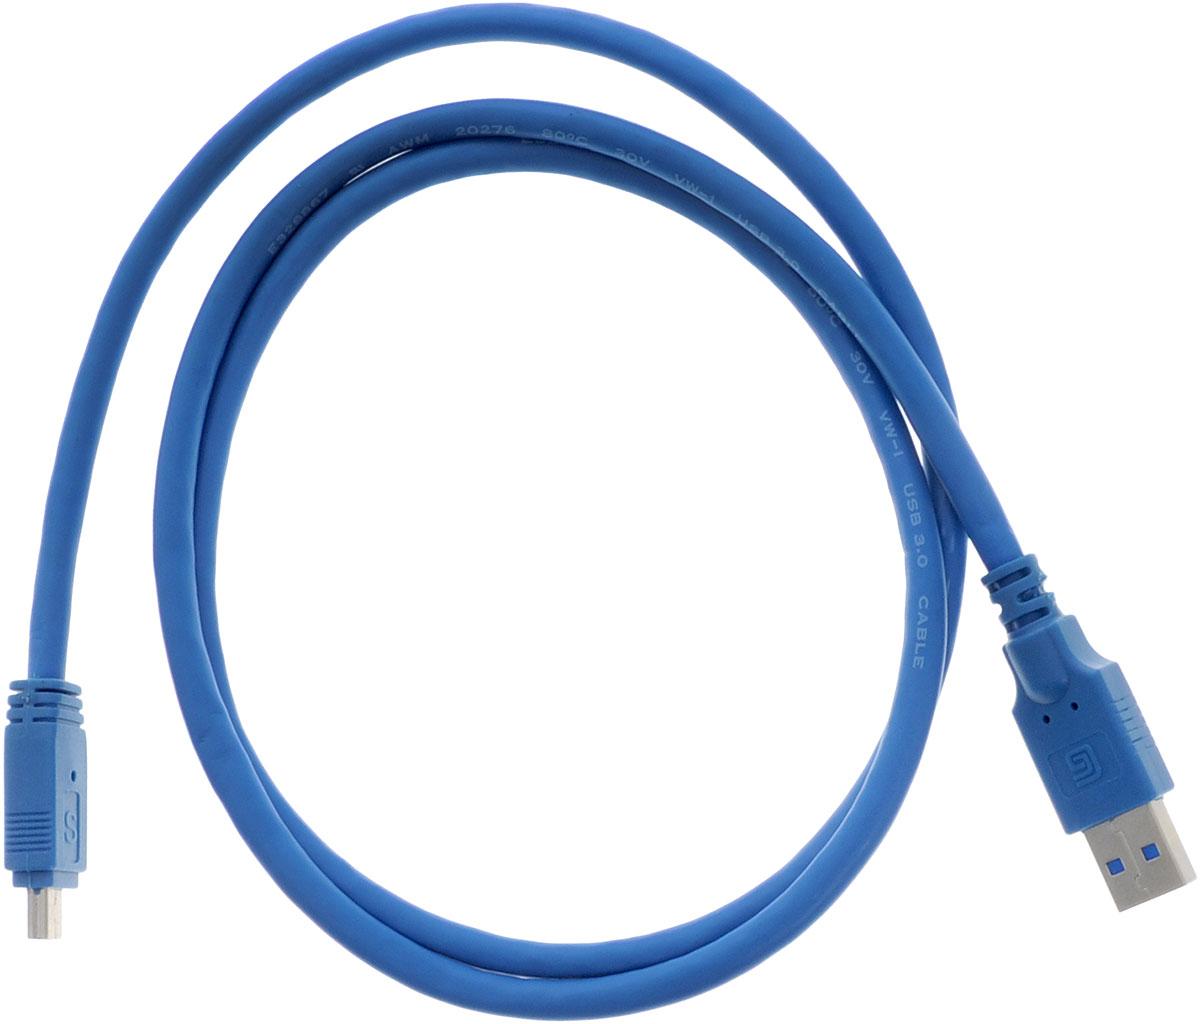 Greenconnect Premium GC-U3A2109, Blue кабель miniUSB 3.0-USB 3.0 (1 м)GC-U3A2109-1mКабель Greenconnect Premium GC-U3A2109 позволяет подключать мобильные устройства, которые имеют разъем miniUSB к USB разъему компьютера. Подходит для повседневных задач, таких как синхронизация данных и передача файлов. Кабель имеет двойное экранирование (сочетание фольгированной и общей оплетки), что позволяет защитить сигнал при передаче от влияния внешних полей, способных создать помехи.Скорость передачи данных: до 5 ГбитОбратная совместимость с USB 2.0/1.1Тип оболочки: PVC (ПВХ)